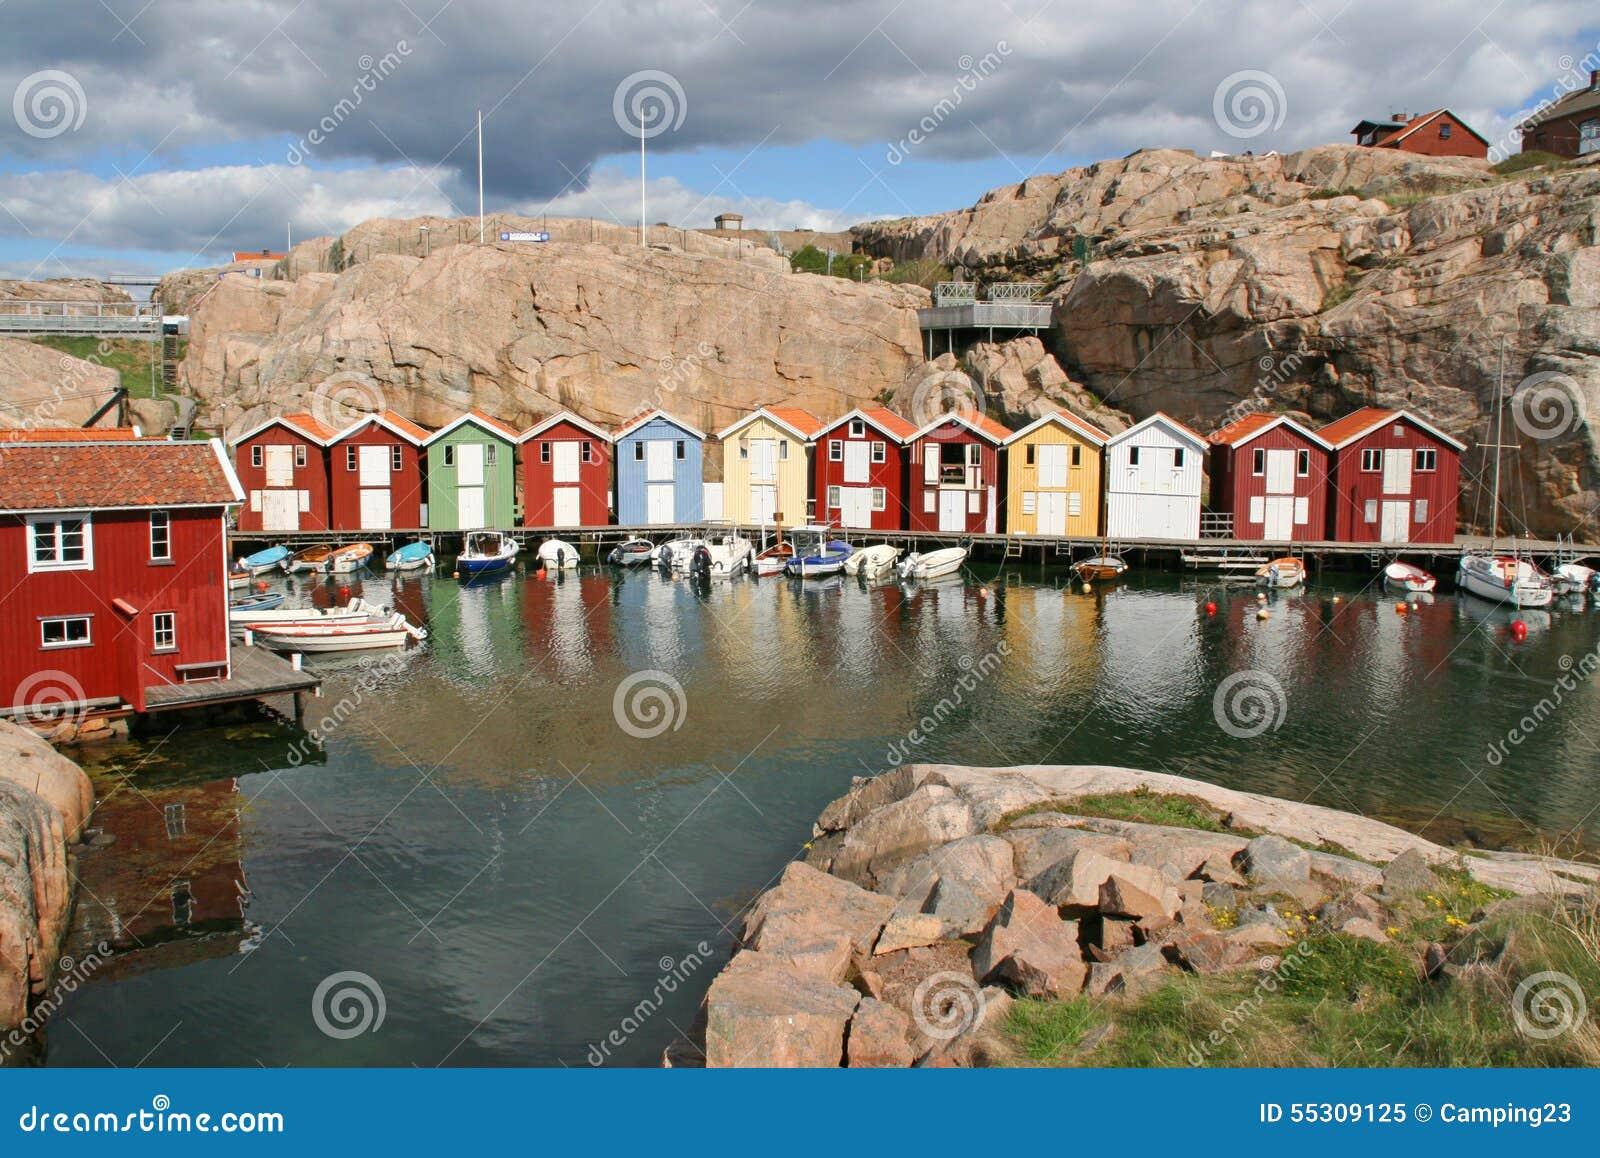 eihe Von Farbigen Häusern, Smogen, Schweden Stockfoto - Bild ... size: 1300 x 958 post ID: 5 File size: 0 B